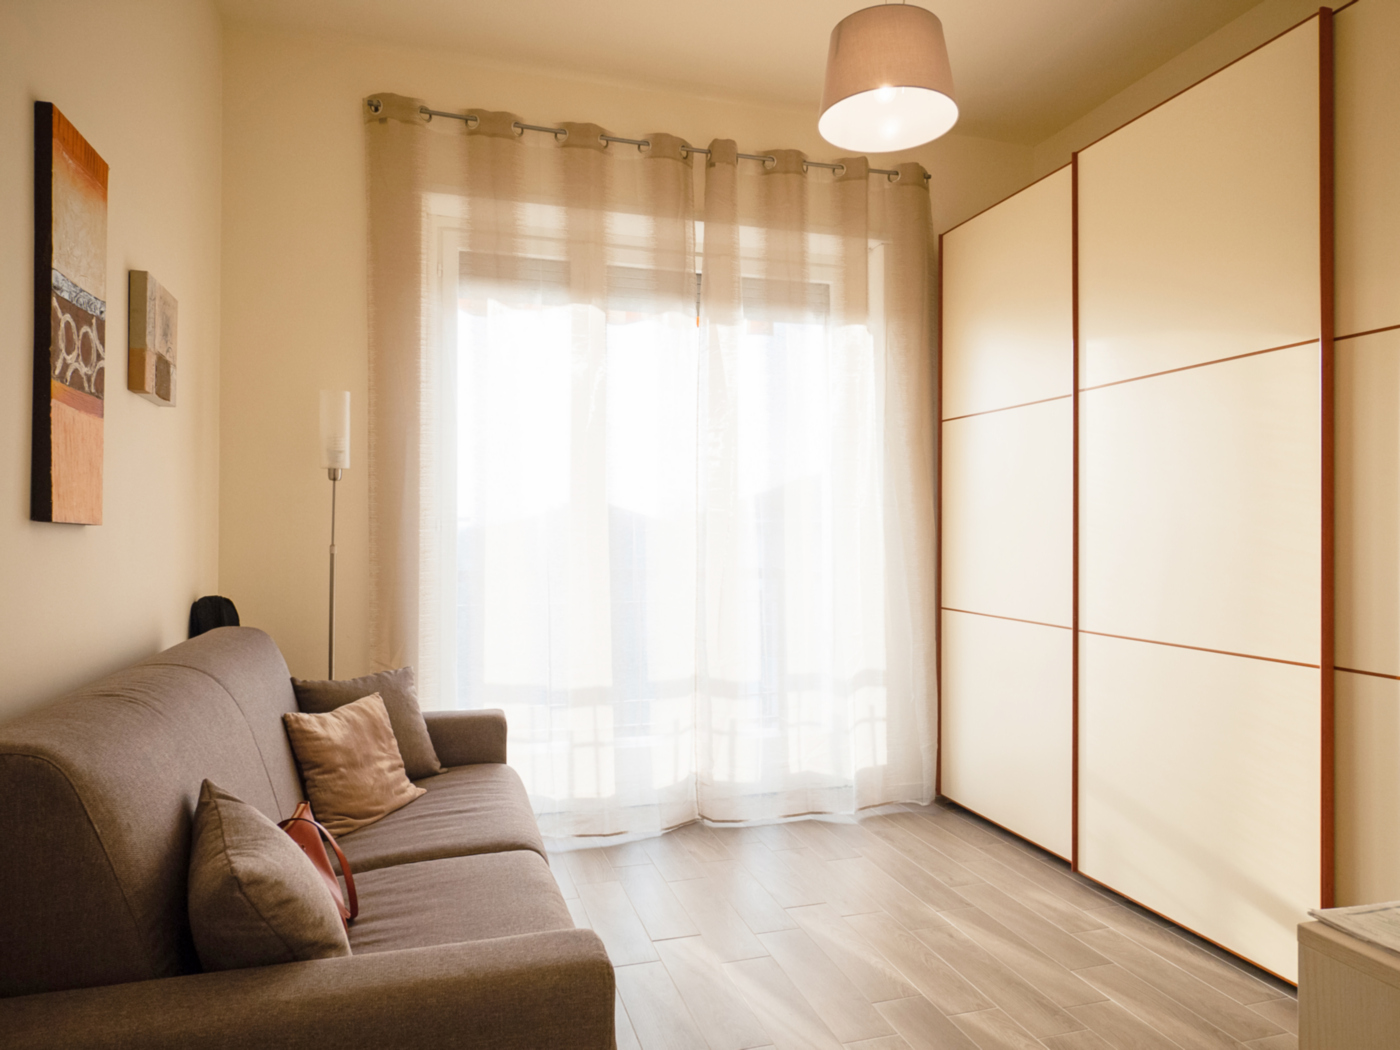 Una ristrutturazione che moltiplica gli spazi in un'appartamento degli anni '70. La semplice cameretta, dai colori tenui e luminosi | Bottega di Architettura